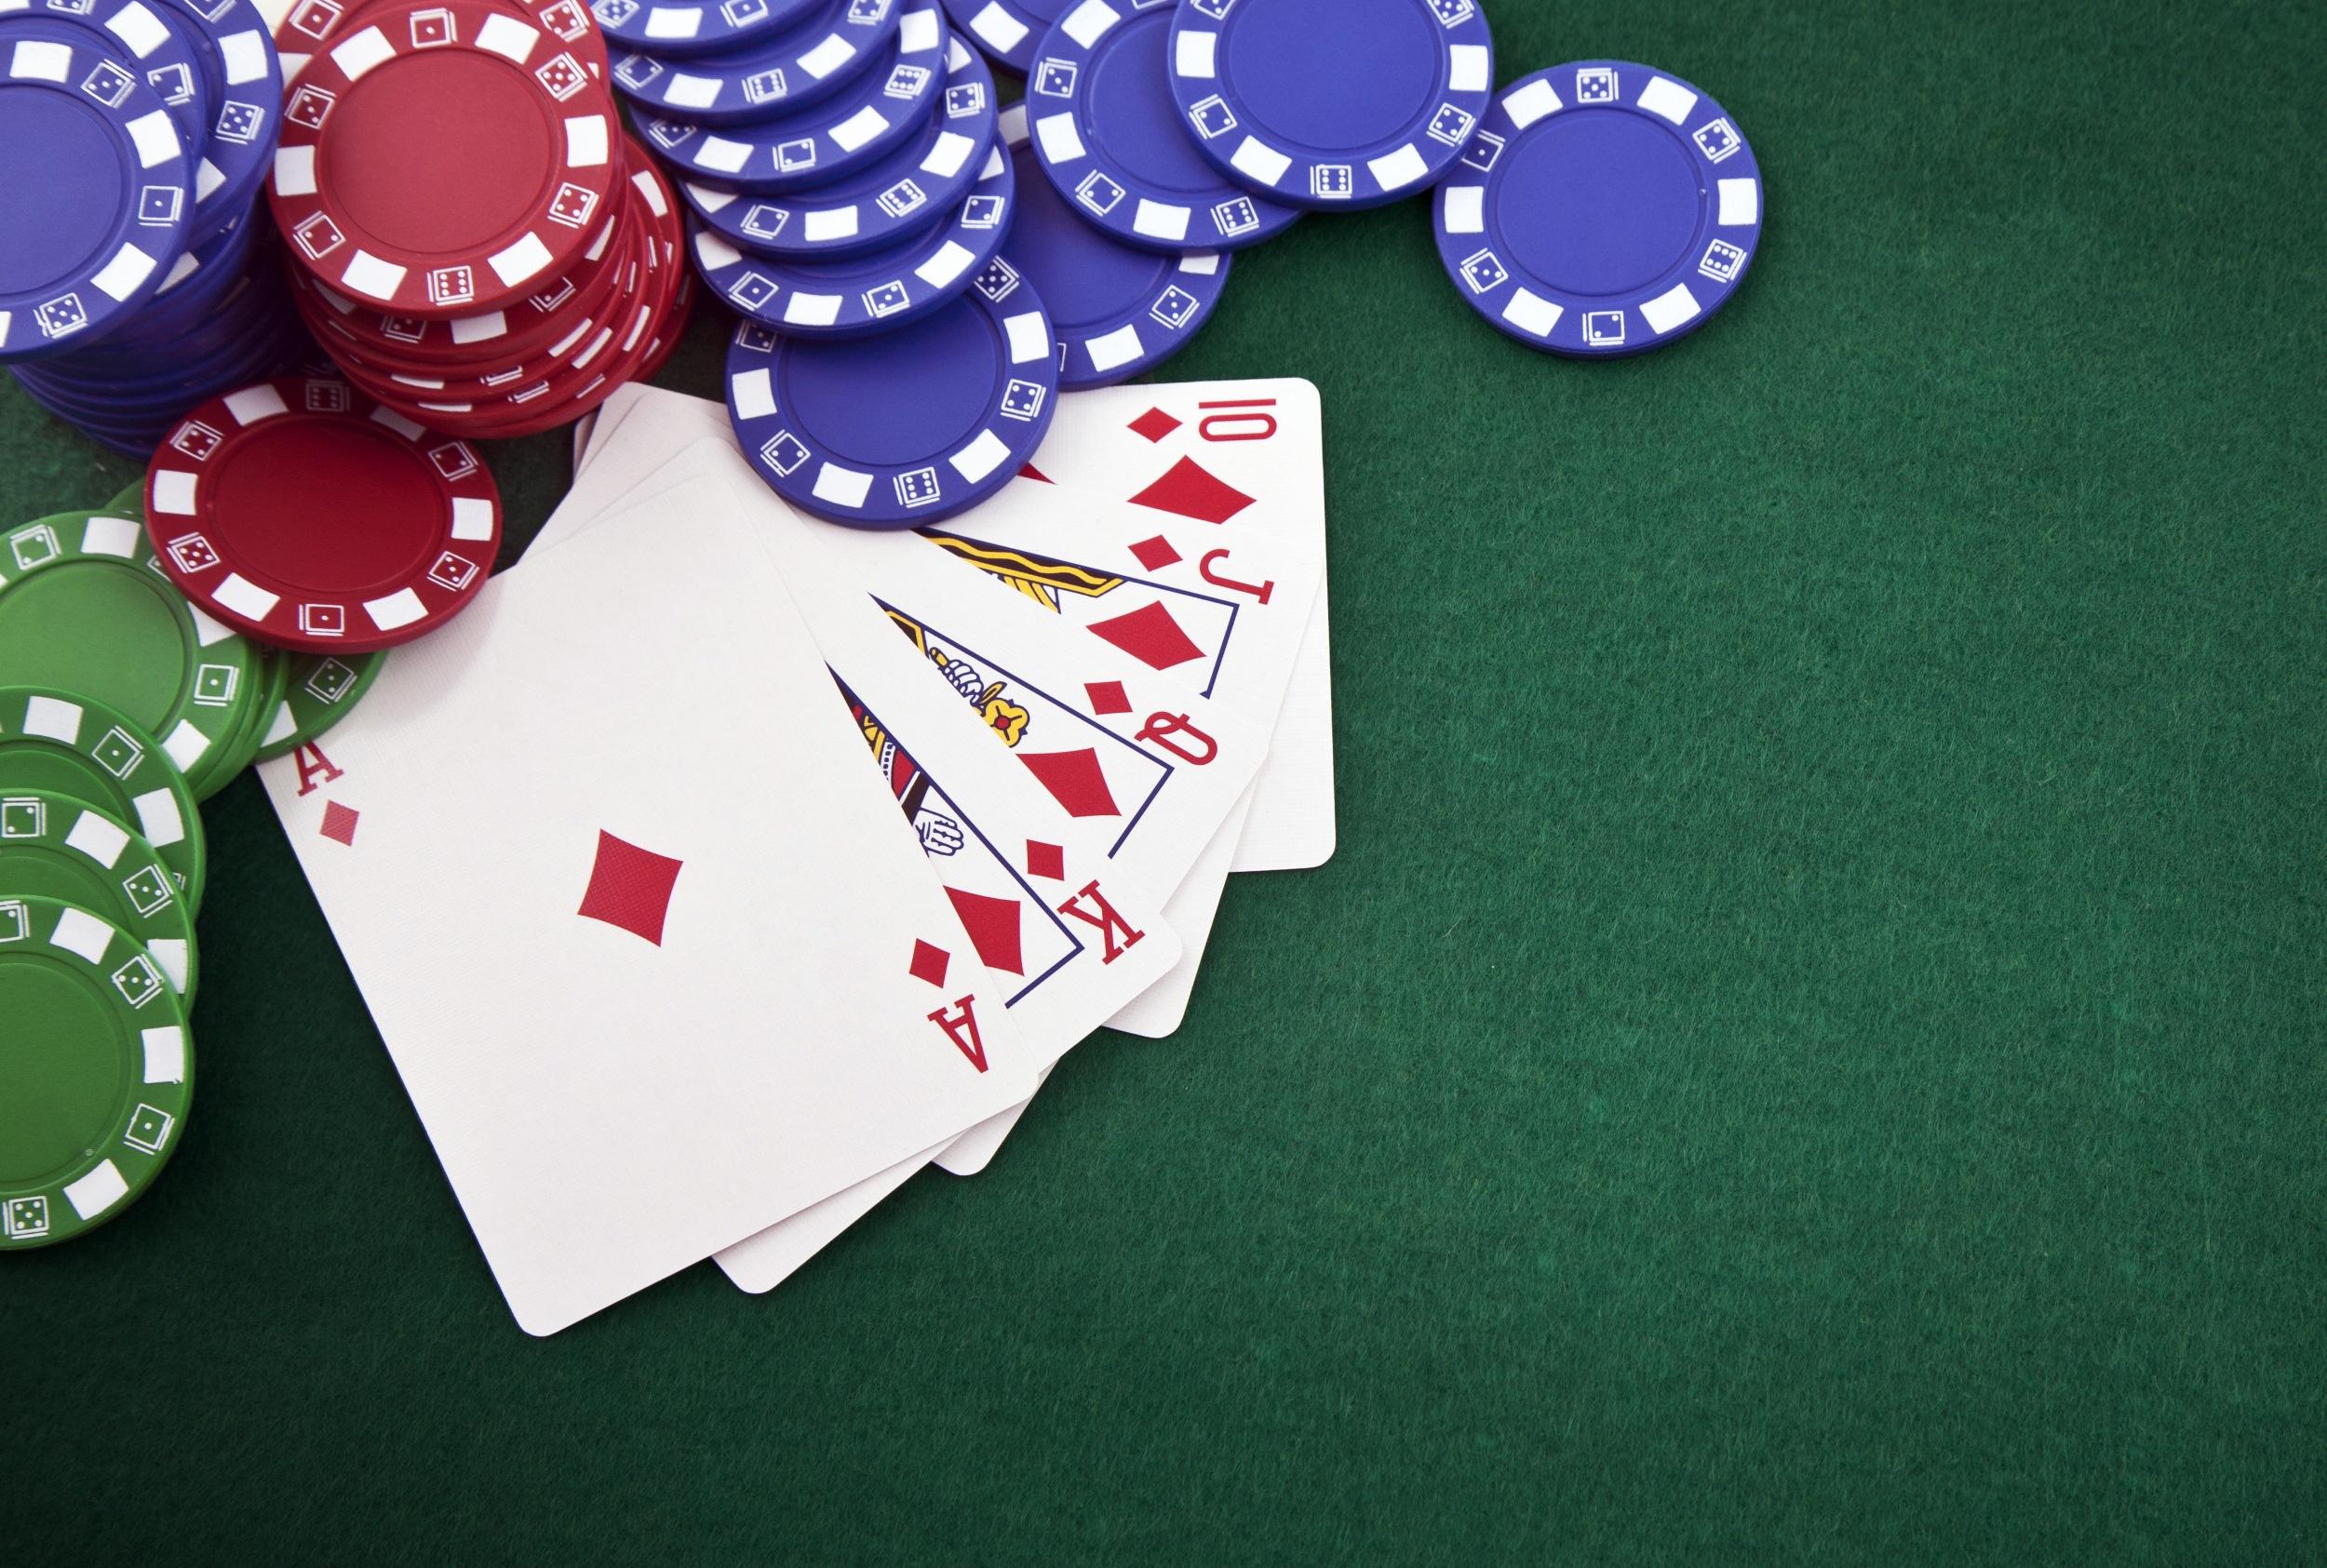 เว็บตรง Ts911for The Best Online Casino Platform